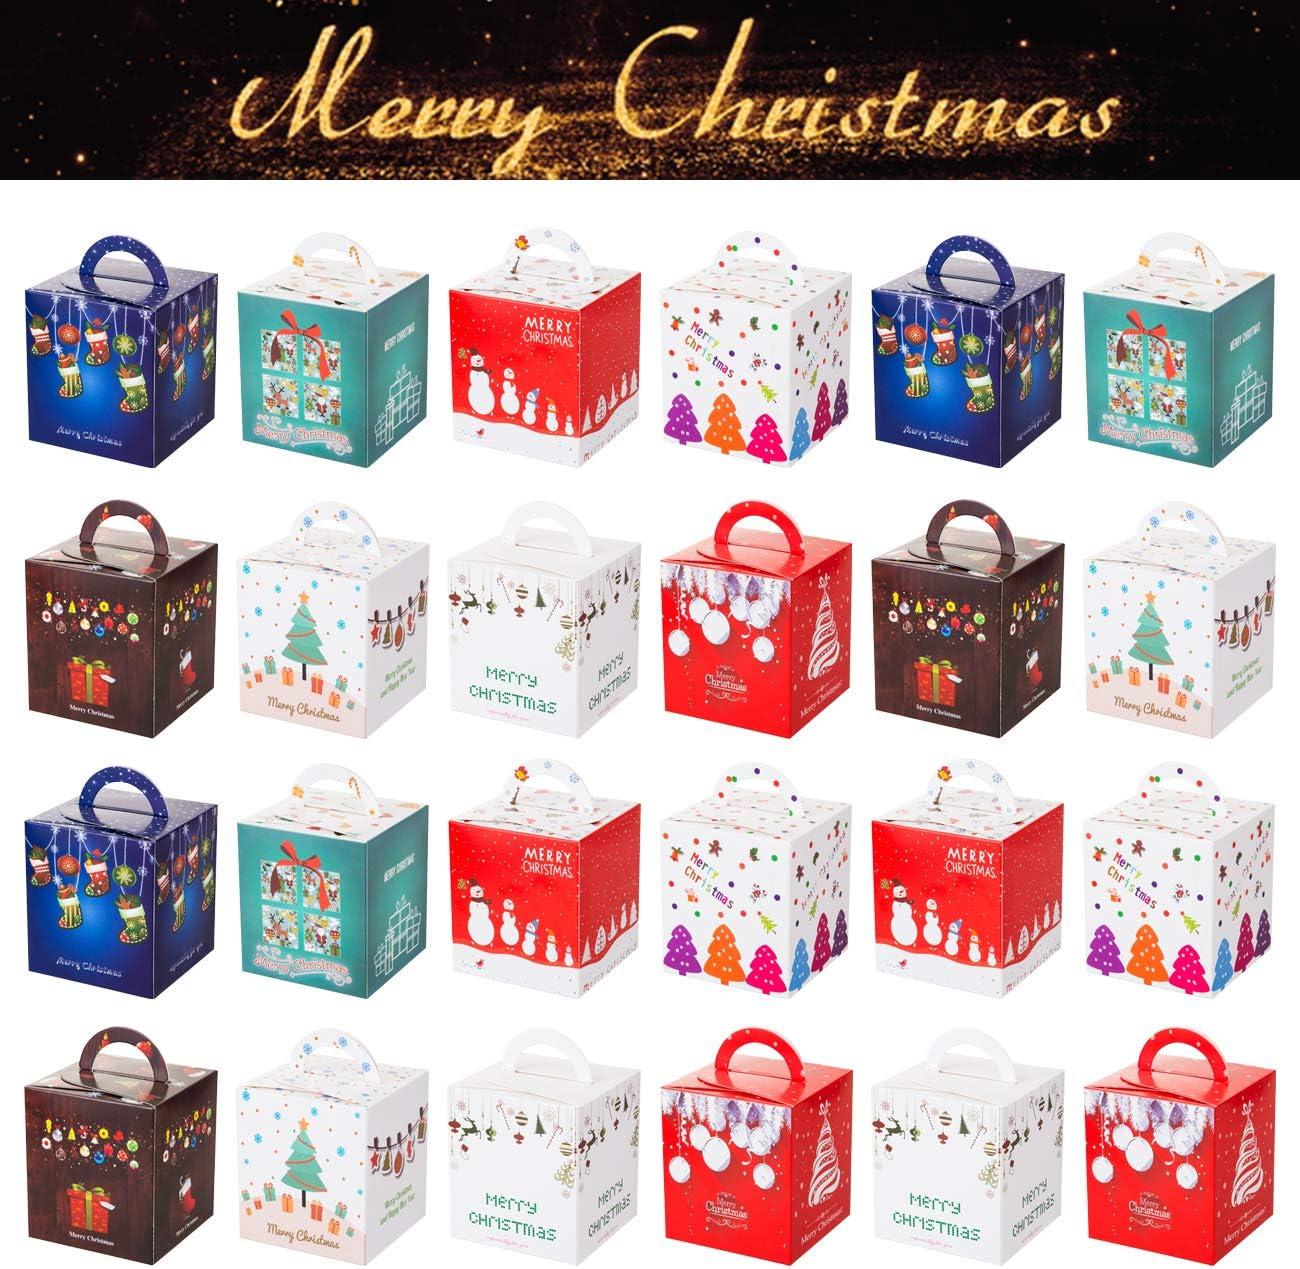 GWHOLE Set de 24 Navidad Cajas de Regalos Cajas para Galletas Dulces de Papel, Caja Cubo Temática Navidad con Asa: Amazon.es: Oficina y papelería